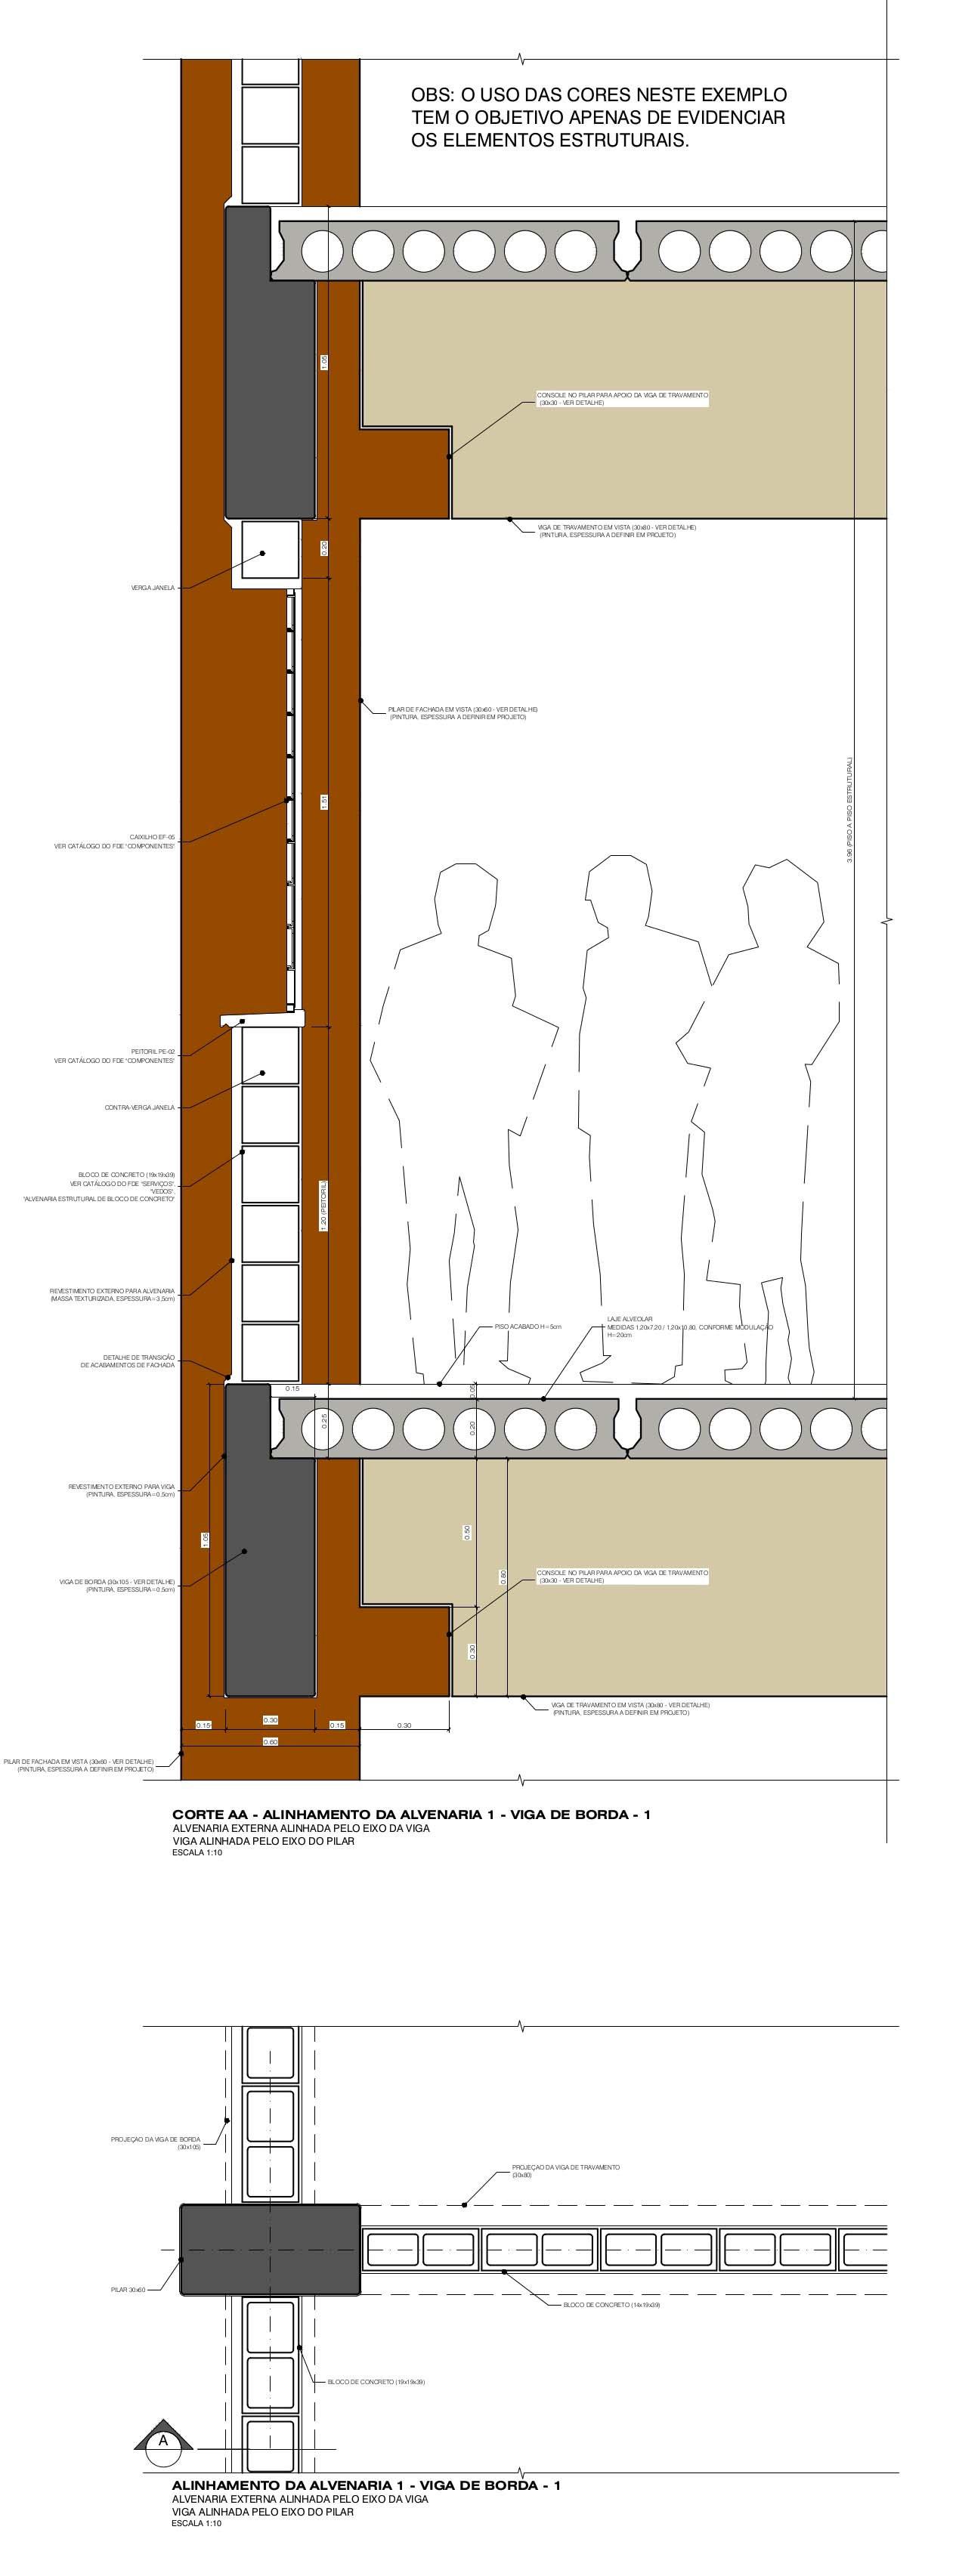 Detalhamento da viga de borda e demais elementos estruturais